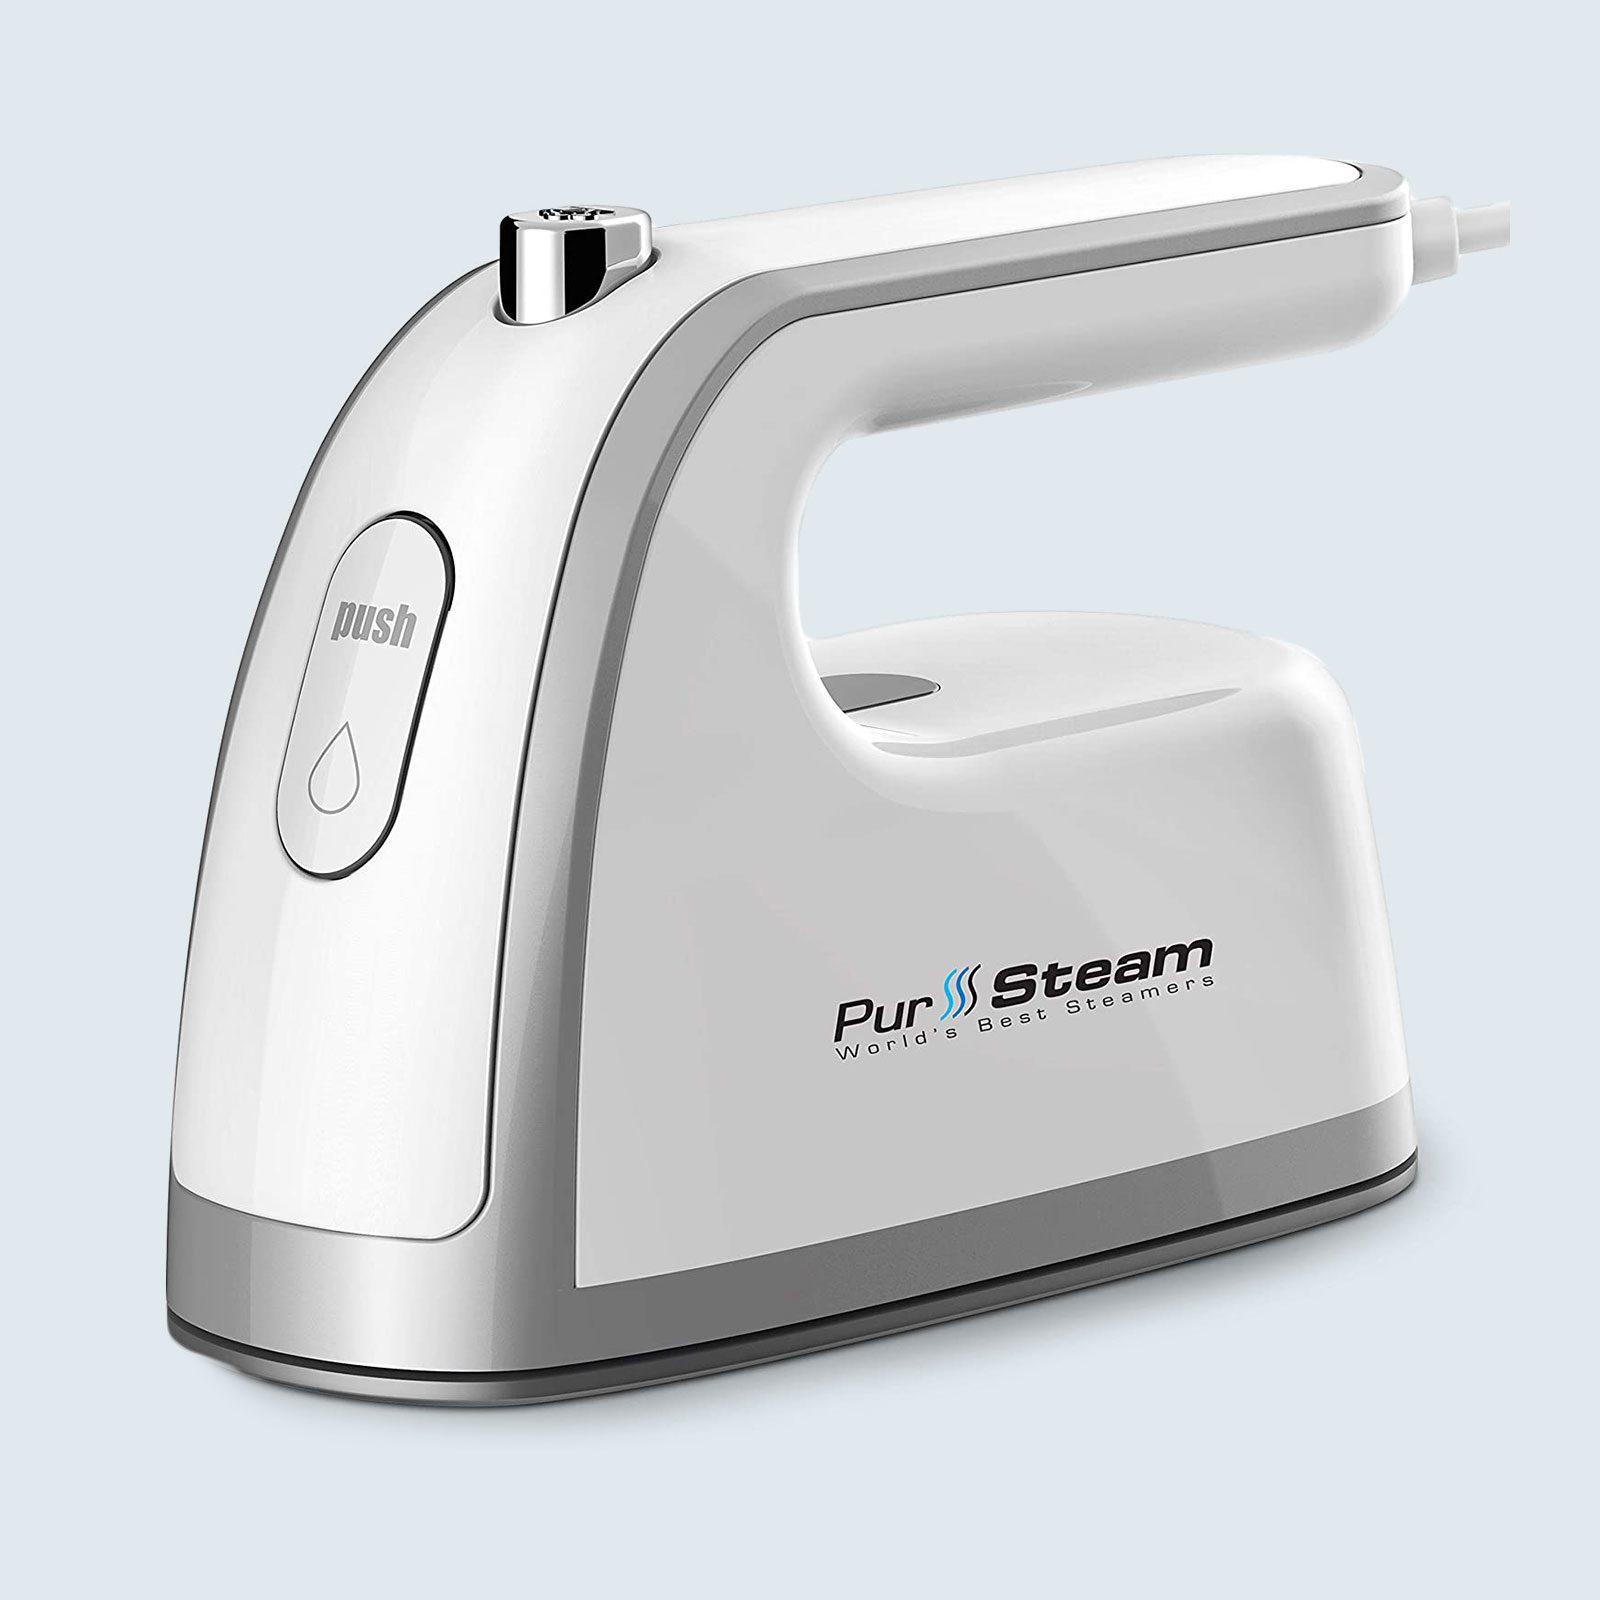 PurSteam World's Best Steamers Travel Steamer Iron Mini